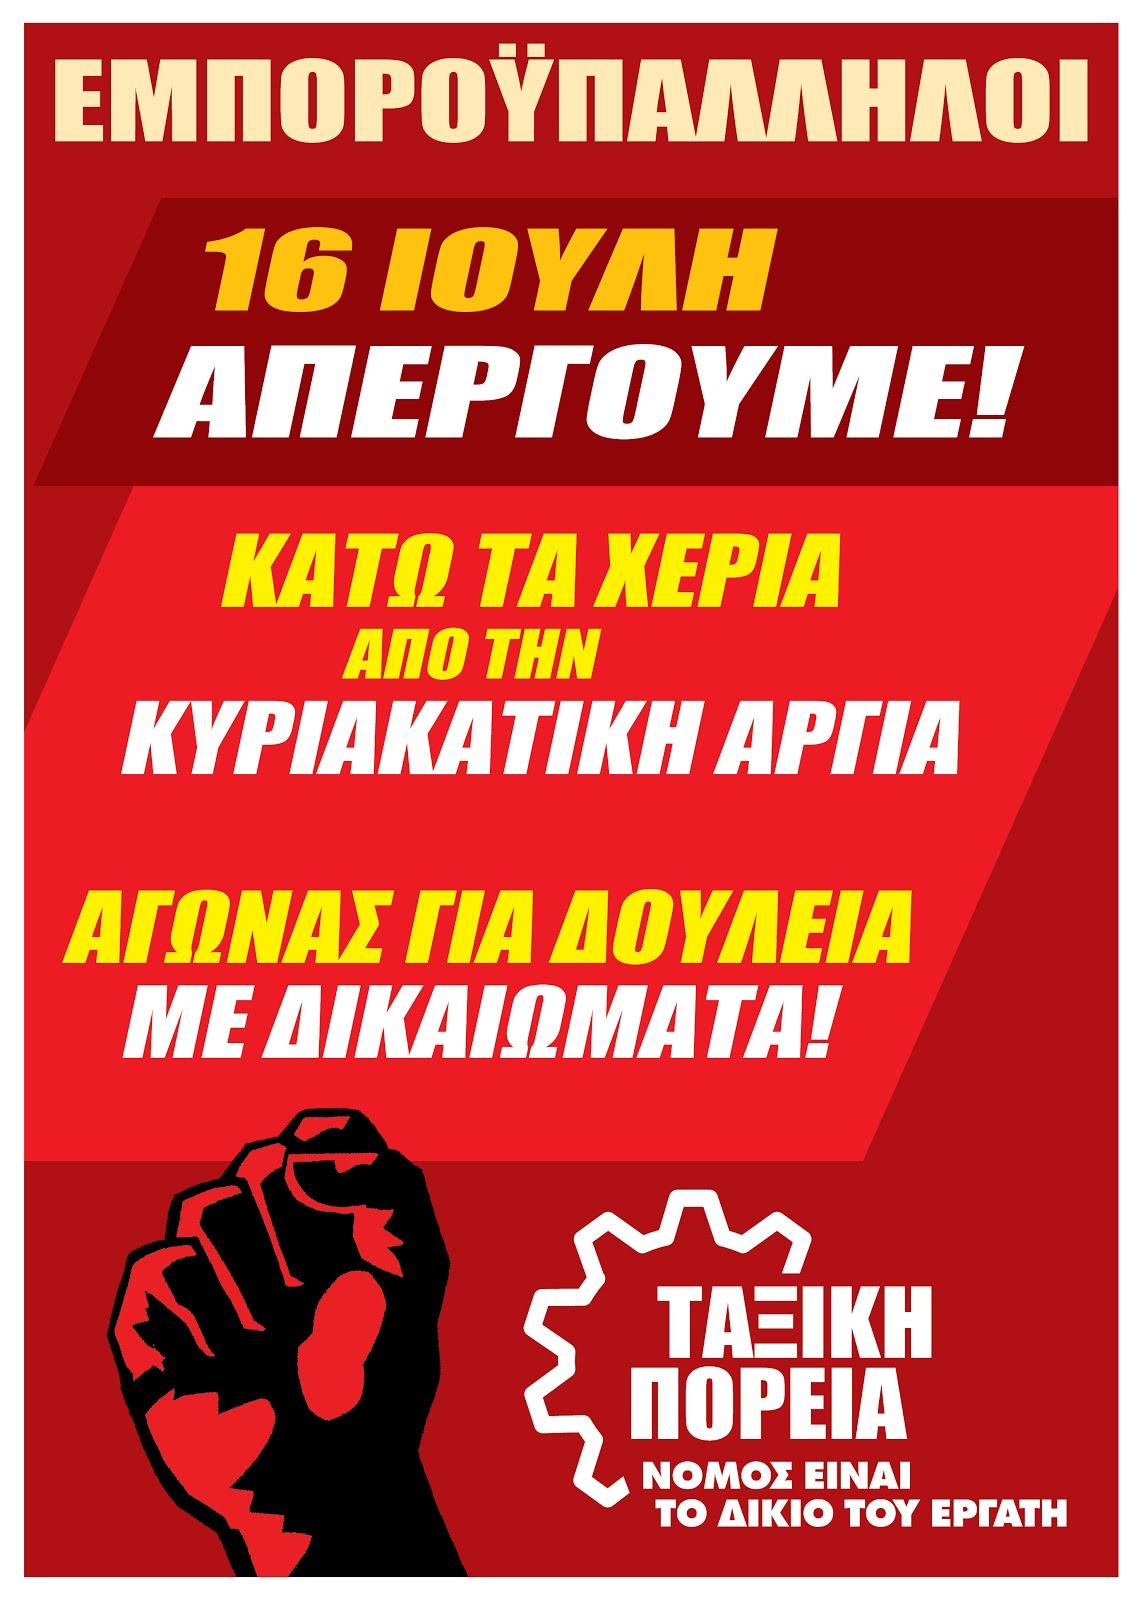 16 ΙΟΥΛΗ - ΑΠΕΡΓΙΑ ΣΤΟ ΕΜΠΟΡΙΟ